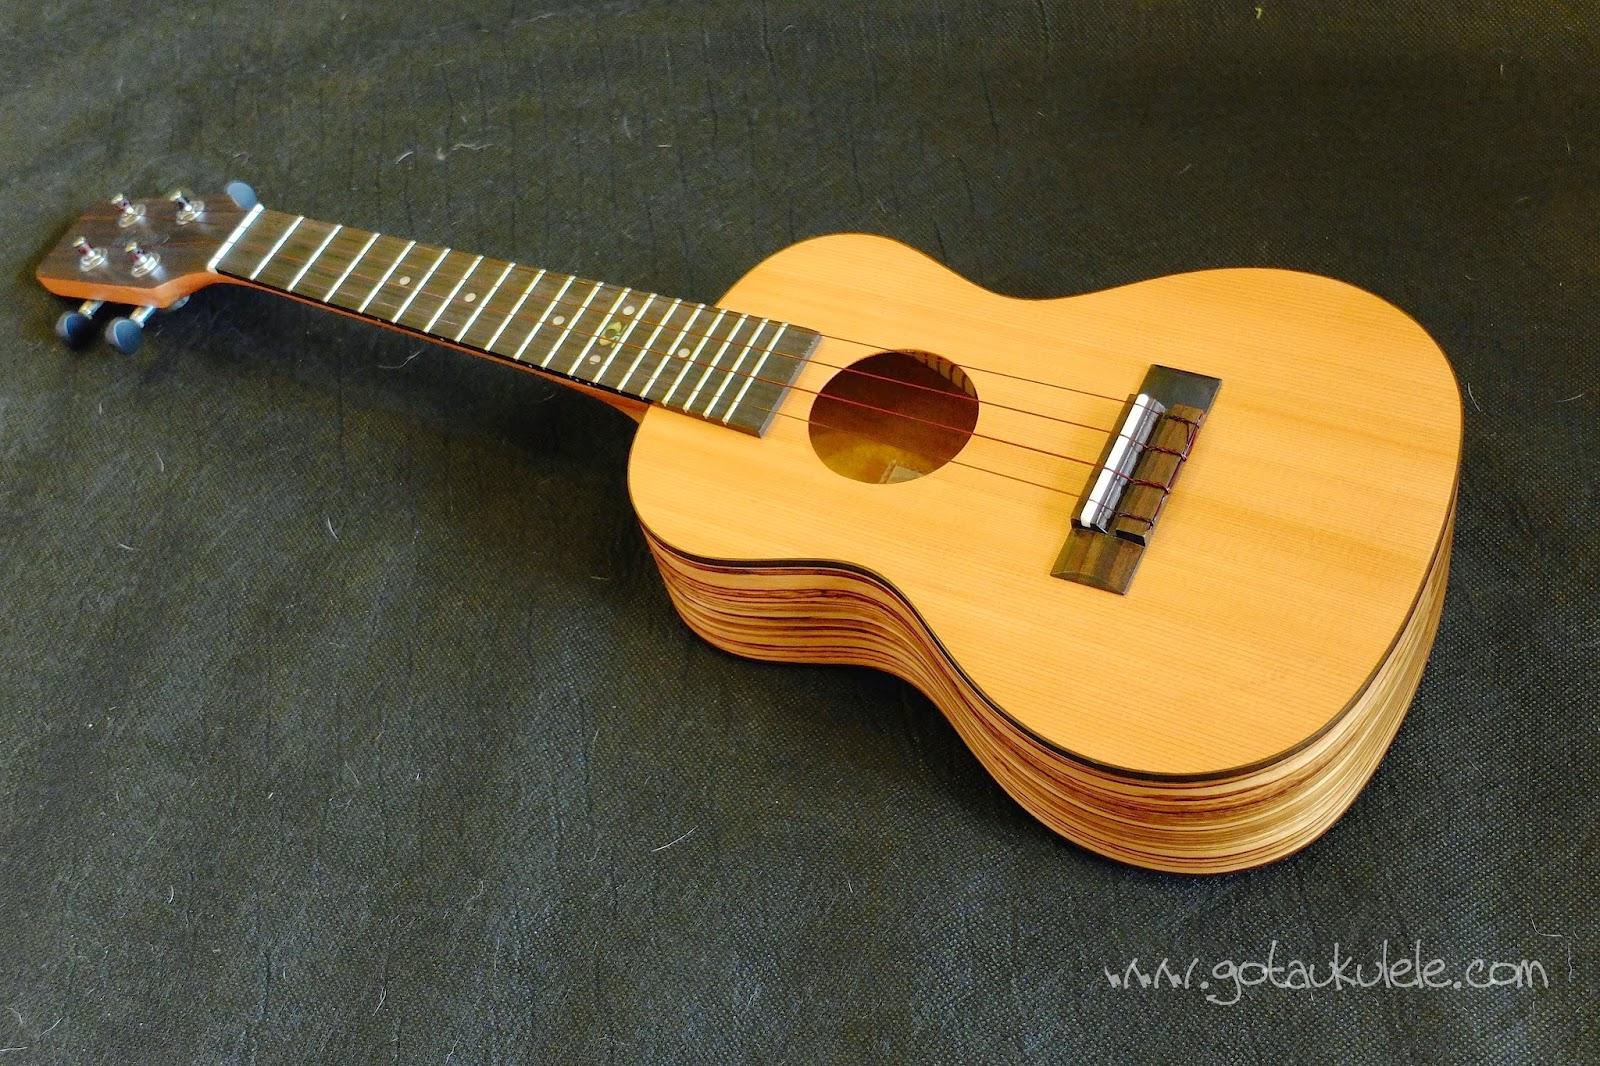 Zedro II ukulele